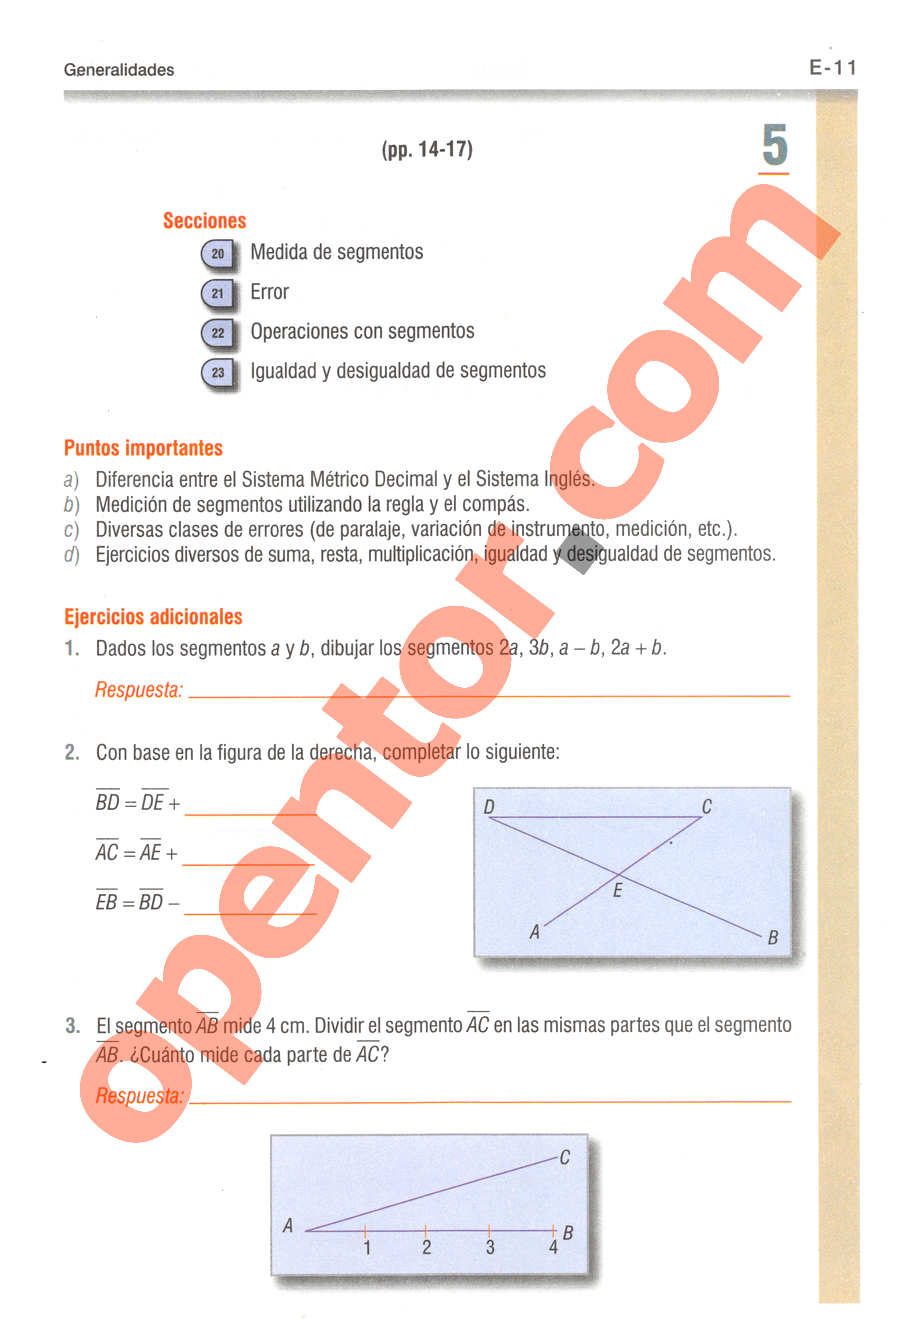 Geometría y Trigonometría de Baldor - Página E11